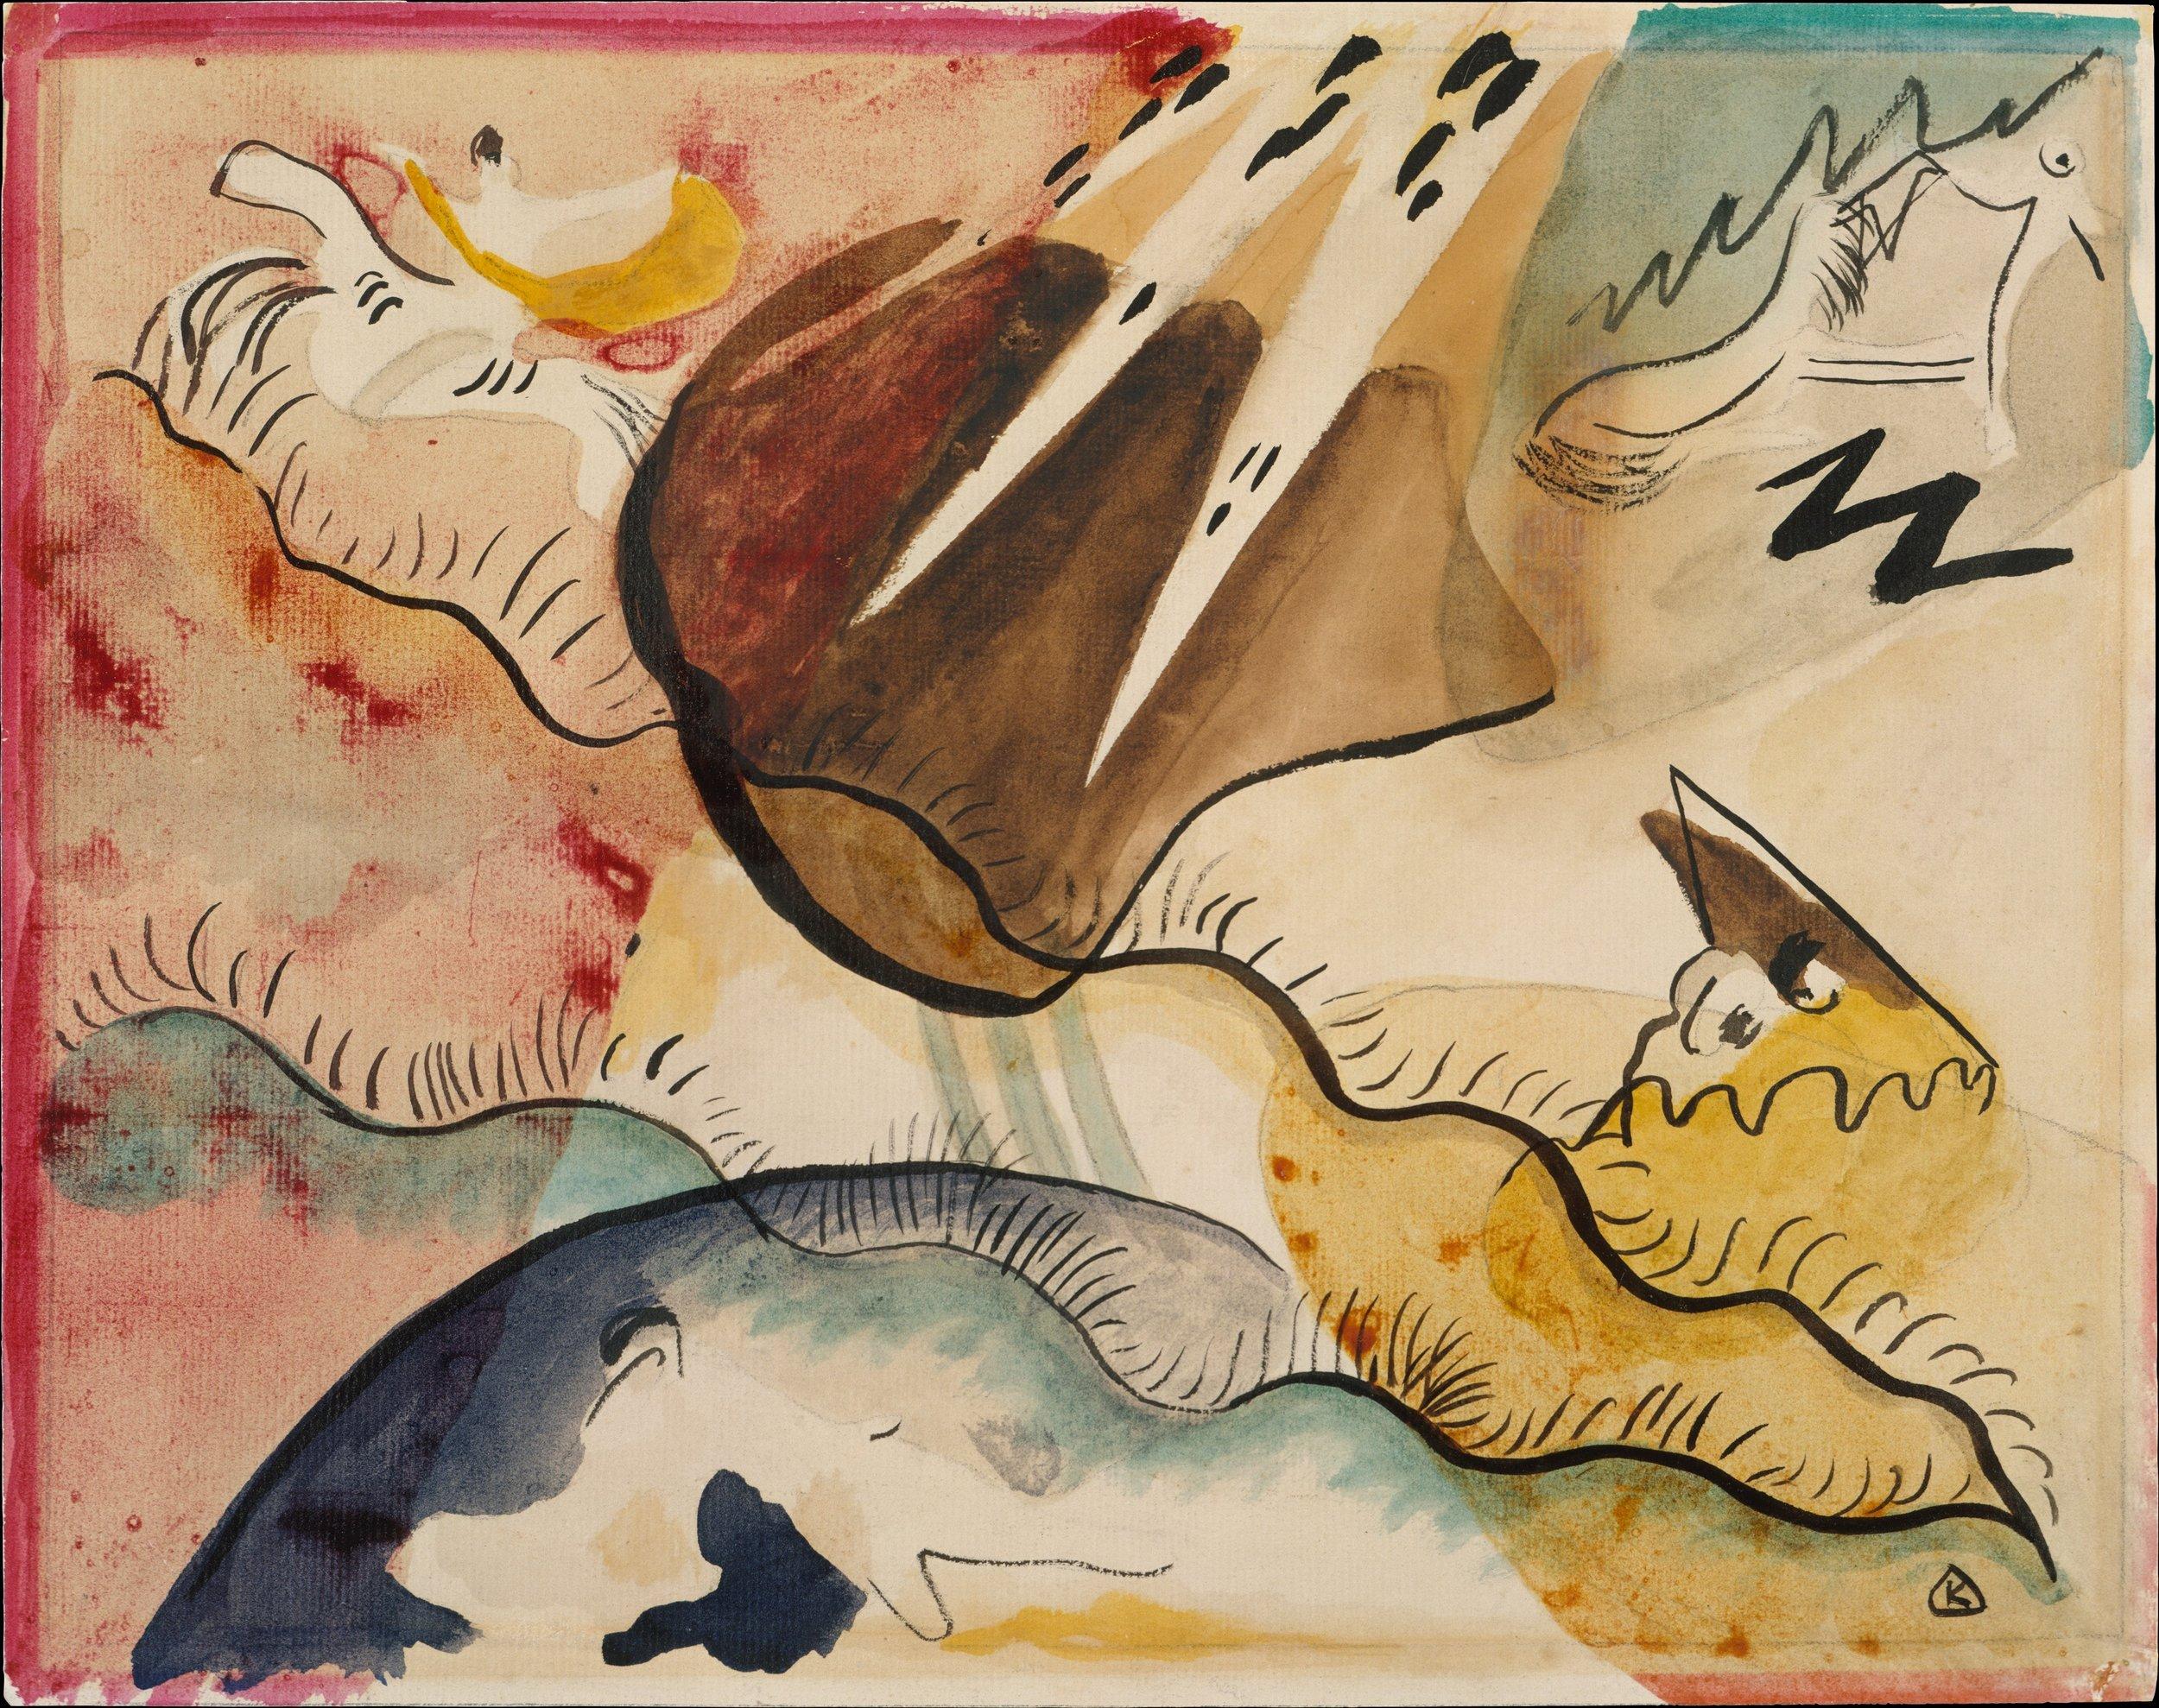 Wassily Kandinsky (1866, Mosca) - Uno dei primi esponenti della pura astrazione nella pittura moderna. Dopo mostre di avanguardia di successo, fondò l'influente gruppo di Monaco